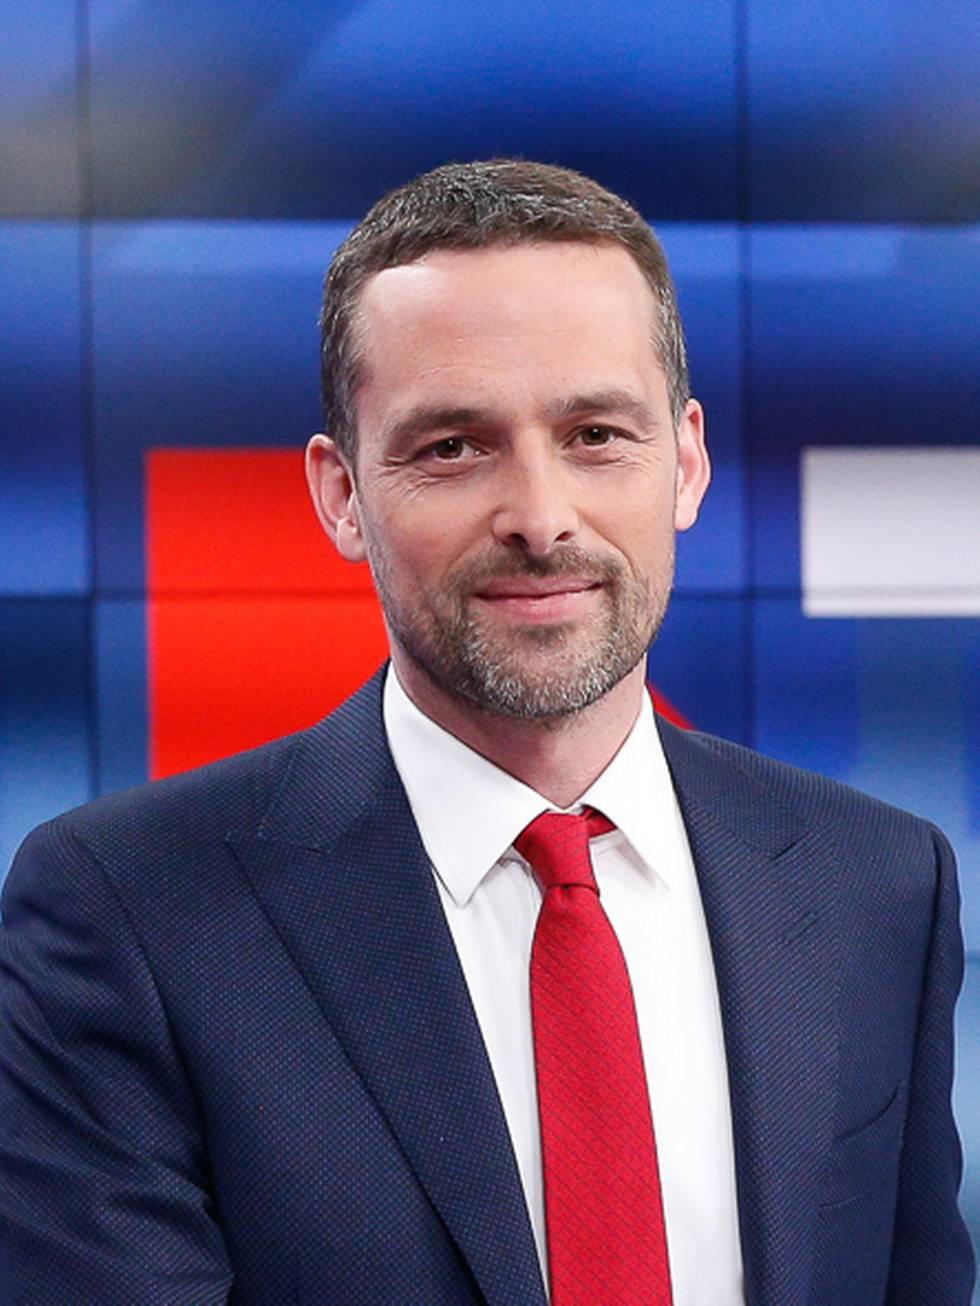 Pietro Bernaschina